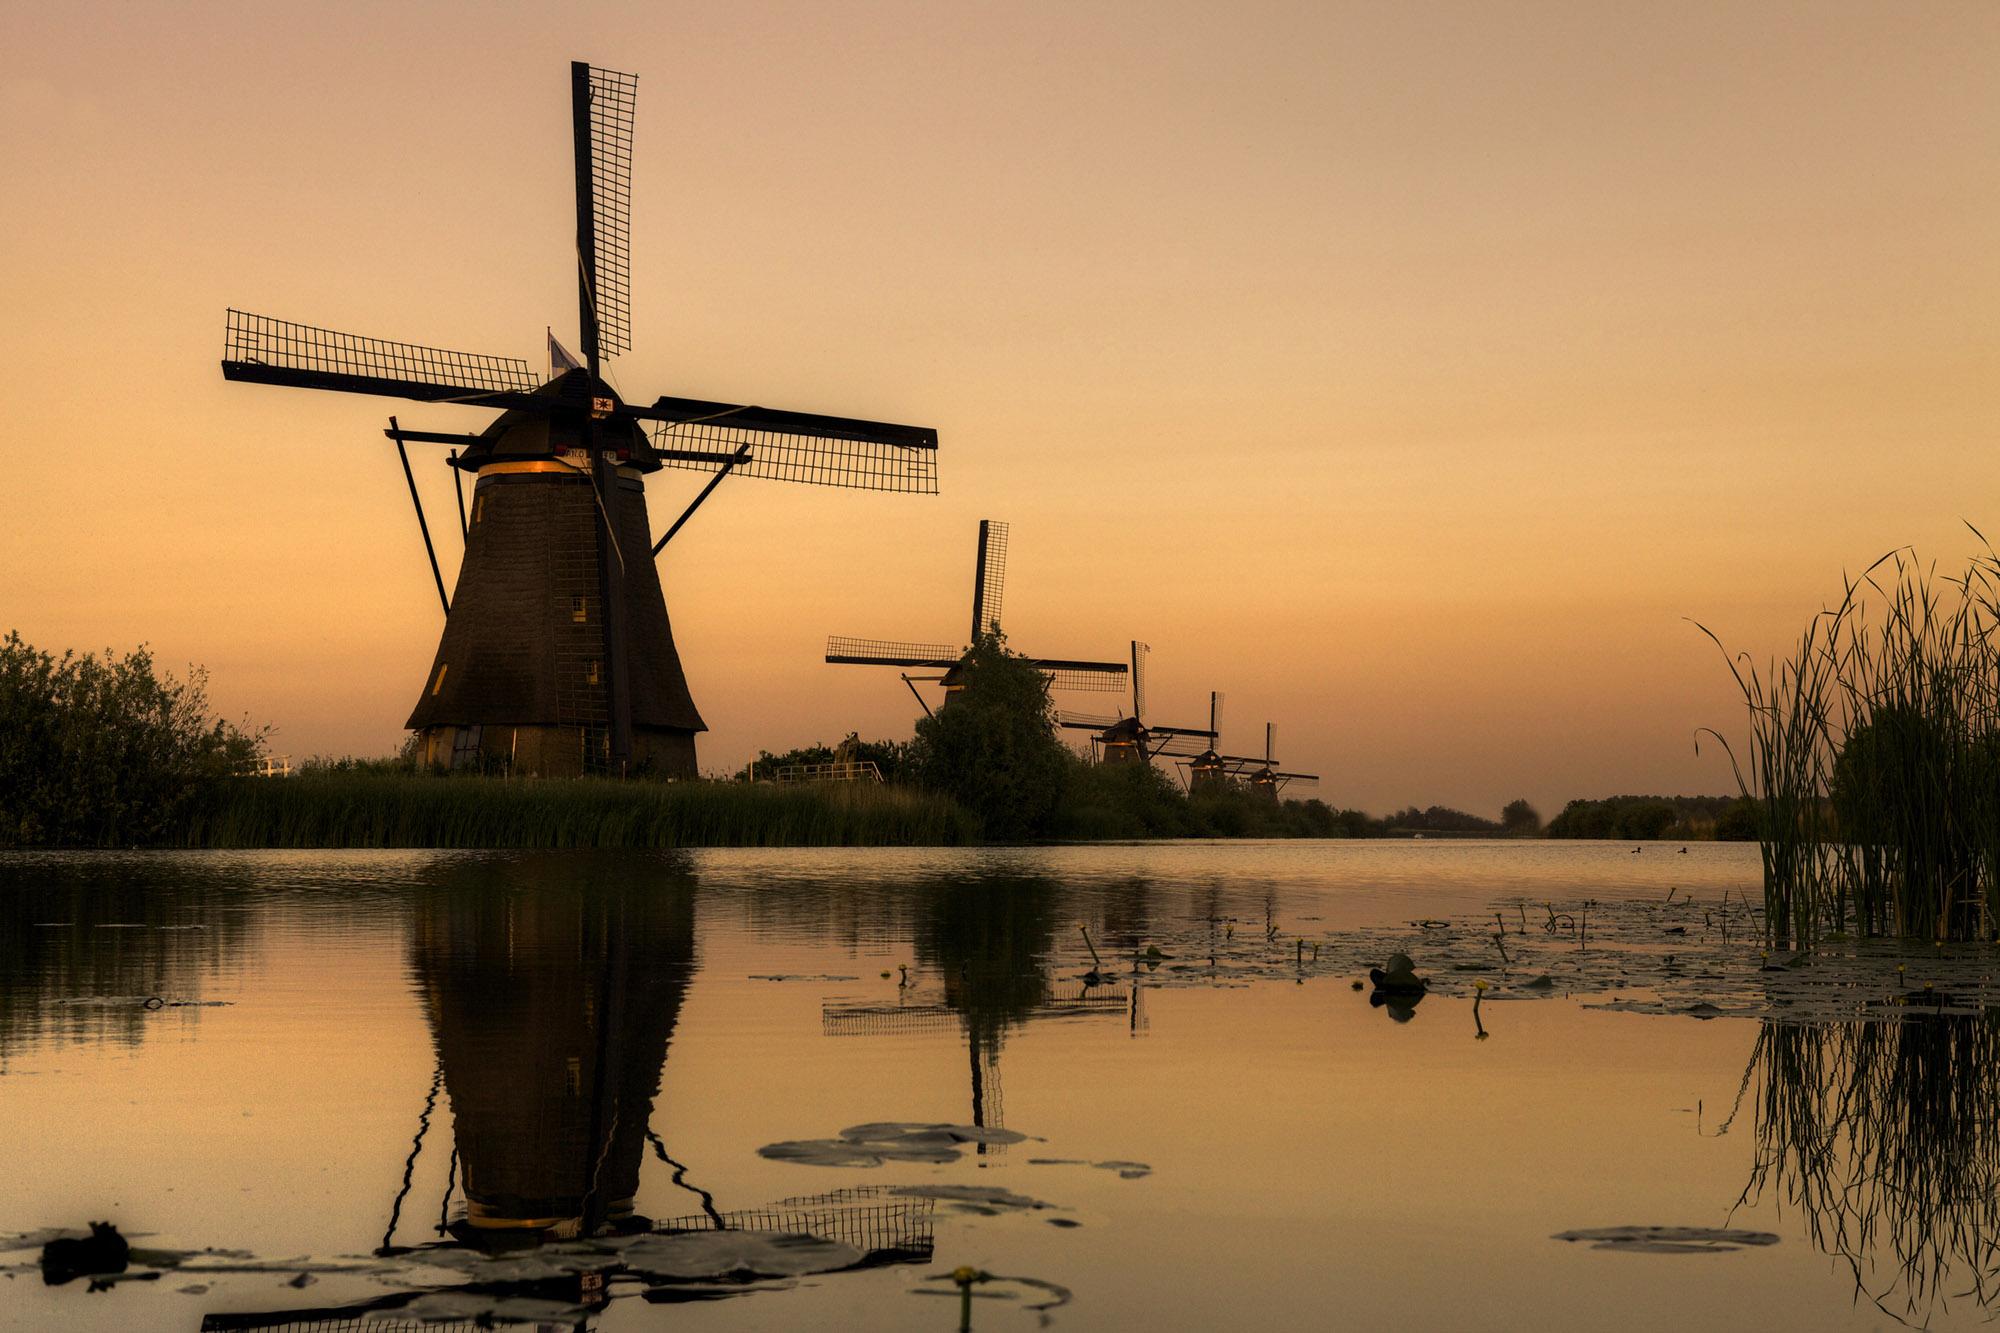 Mills of kinderdijk, the netherlands, molens, (c) Bart Coolen